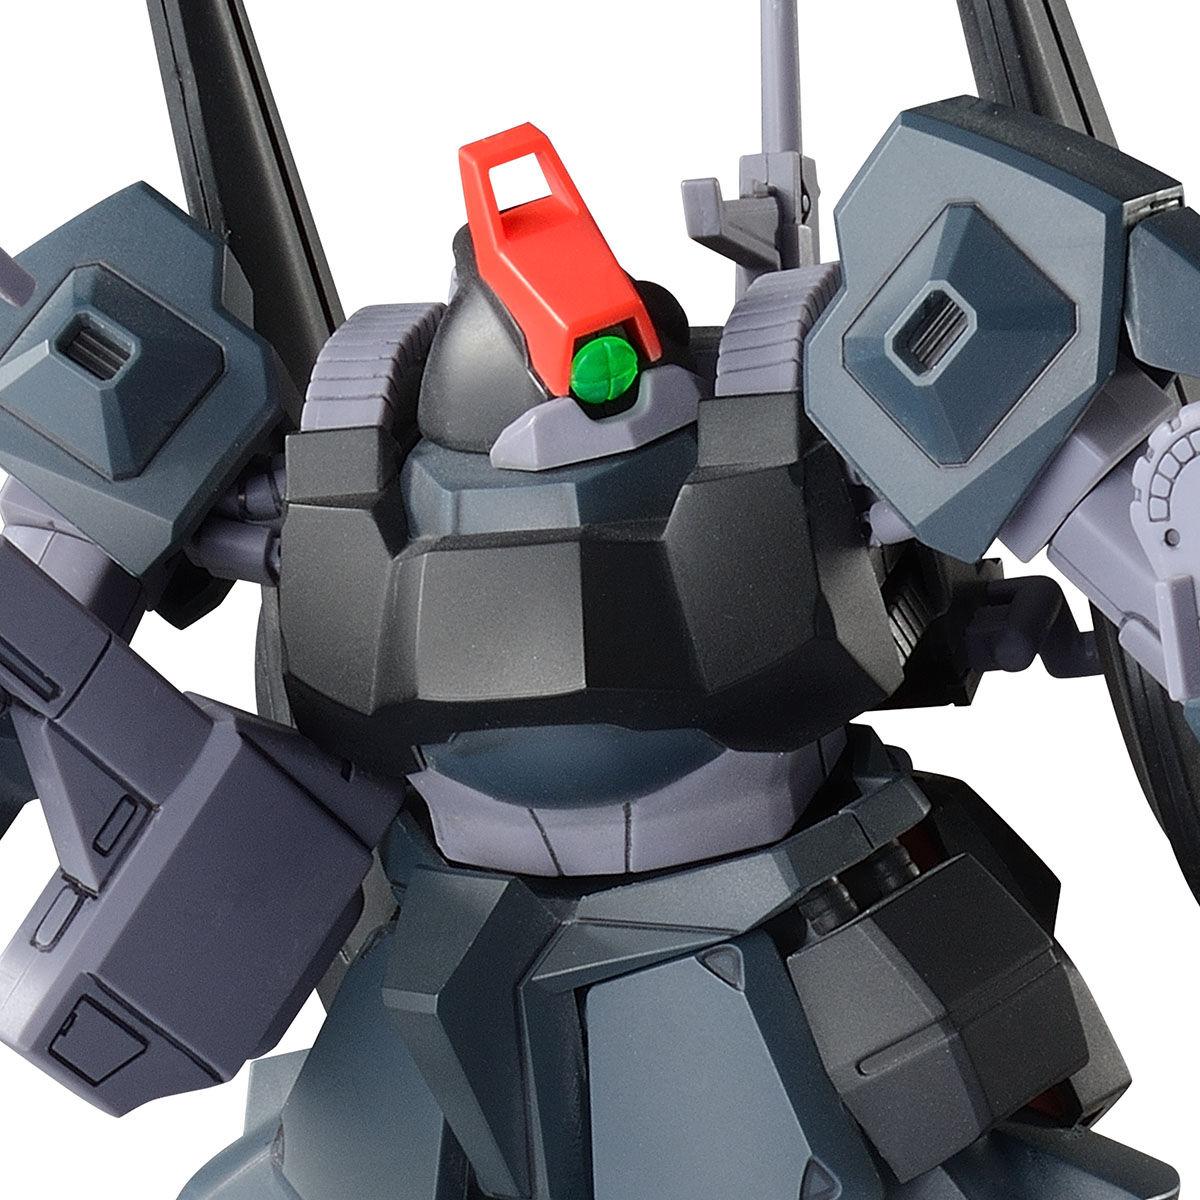 【限定販売】HG 1/144『リック・ディアス』機動戦士Zガンダム プラモデル-010